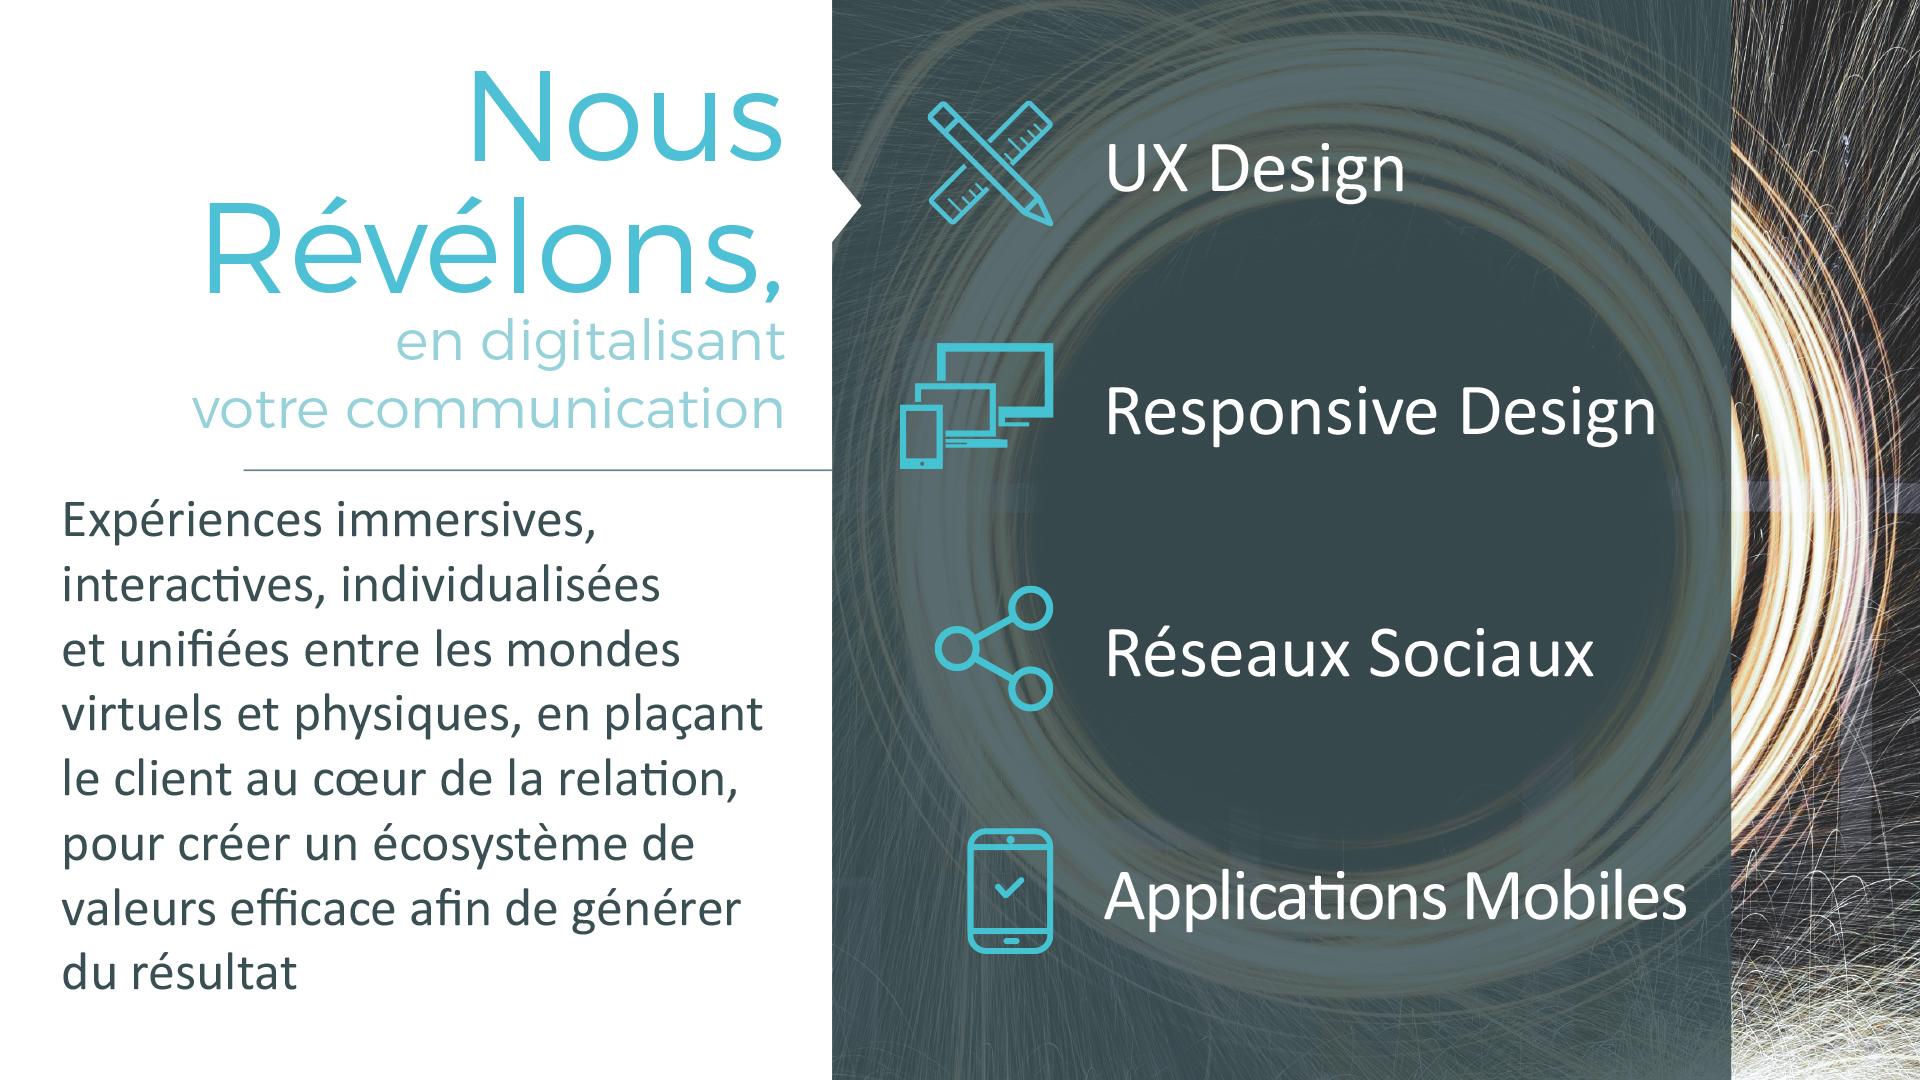 Nous Révélons, en digitalisant votre communication : UX Design - Responsive Design - Réseaux sociaux - Applications mobiles